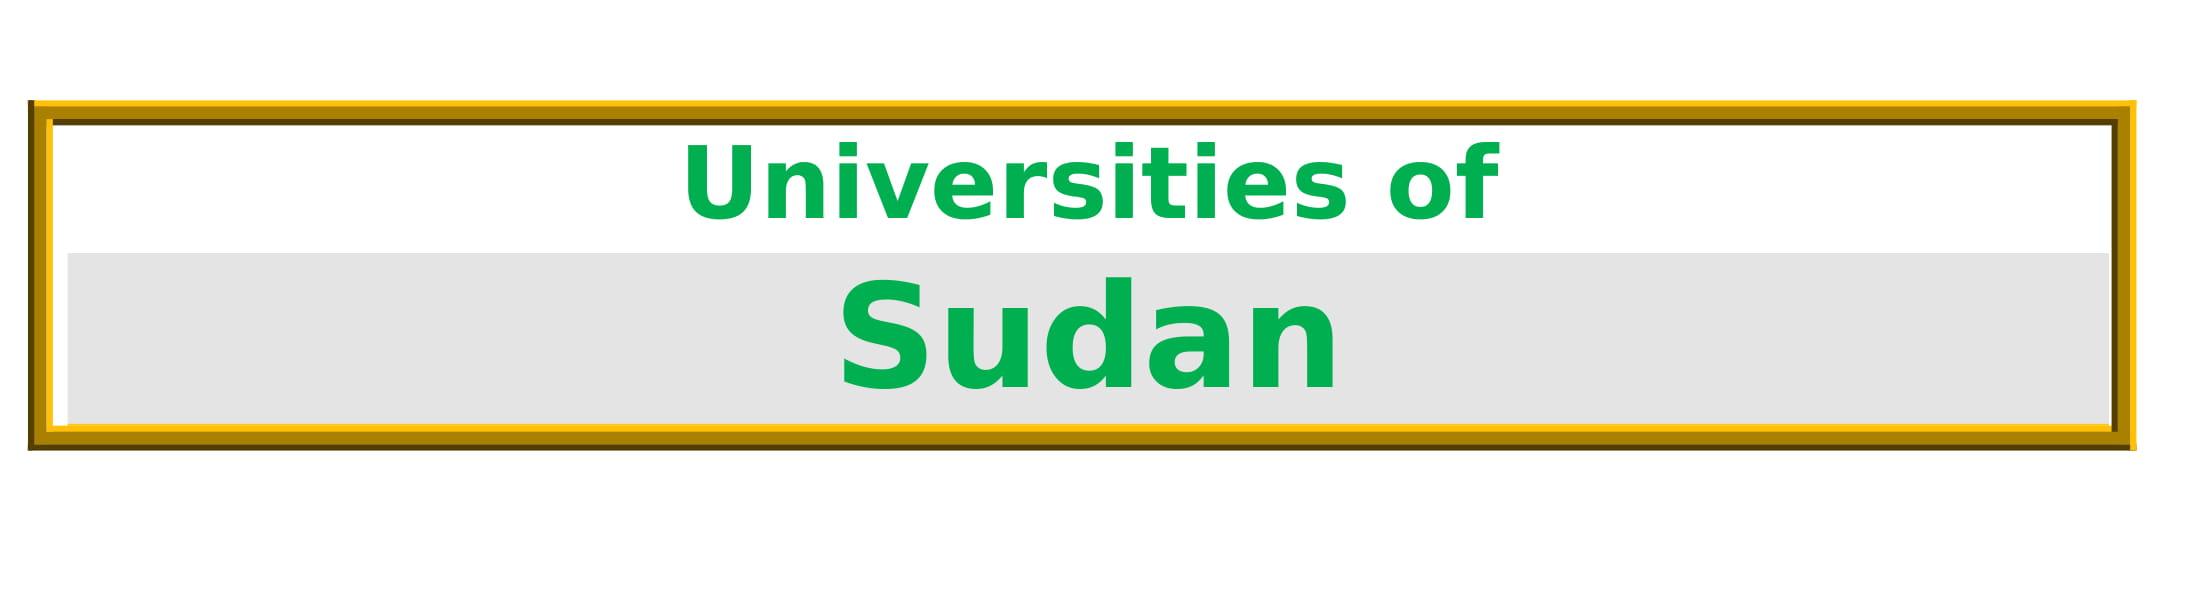 List of Universities in Sudan